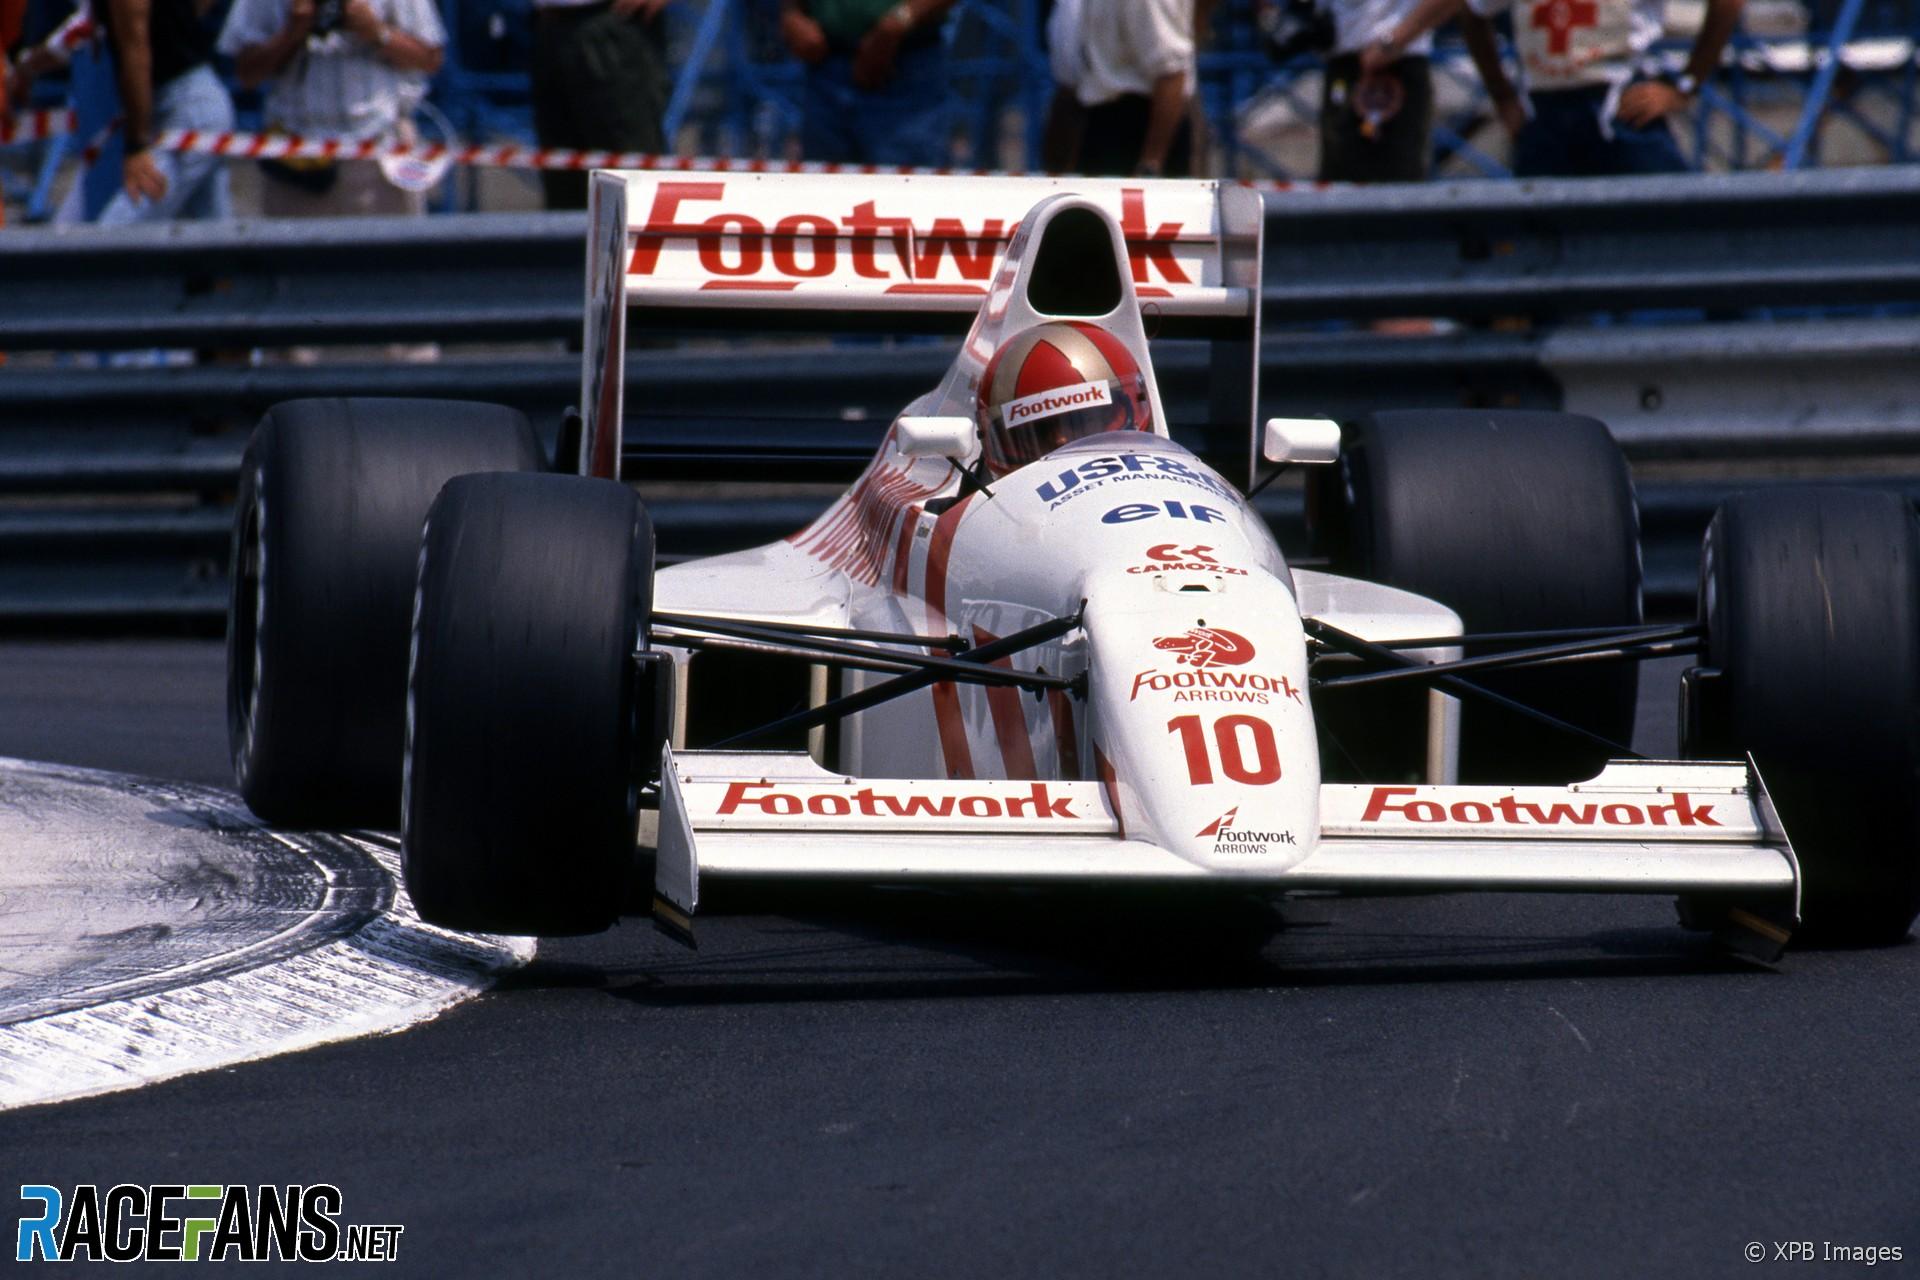 Alex Caffi, Arrows, Monaco, 1990